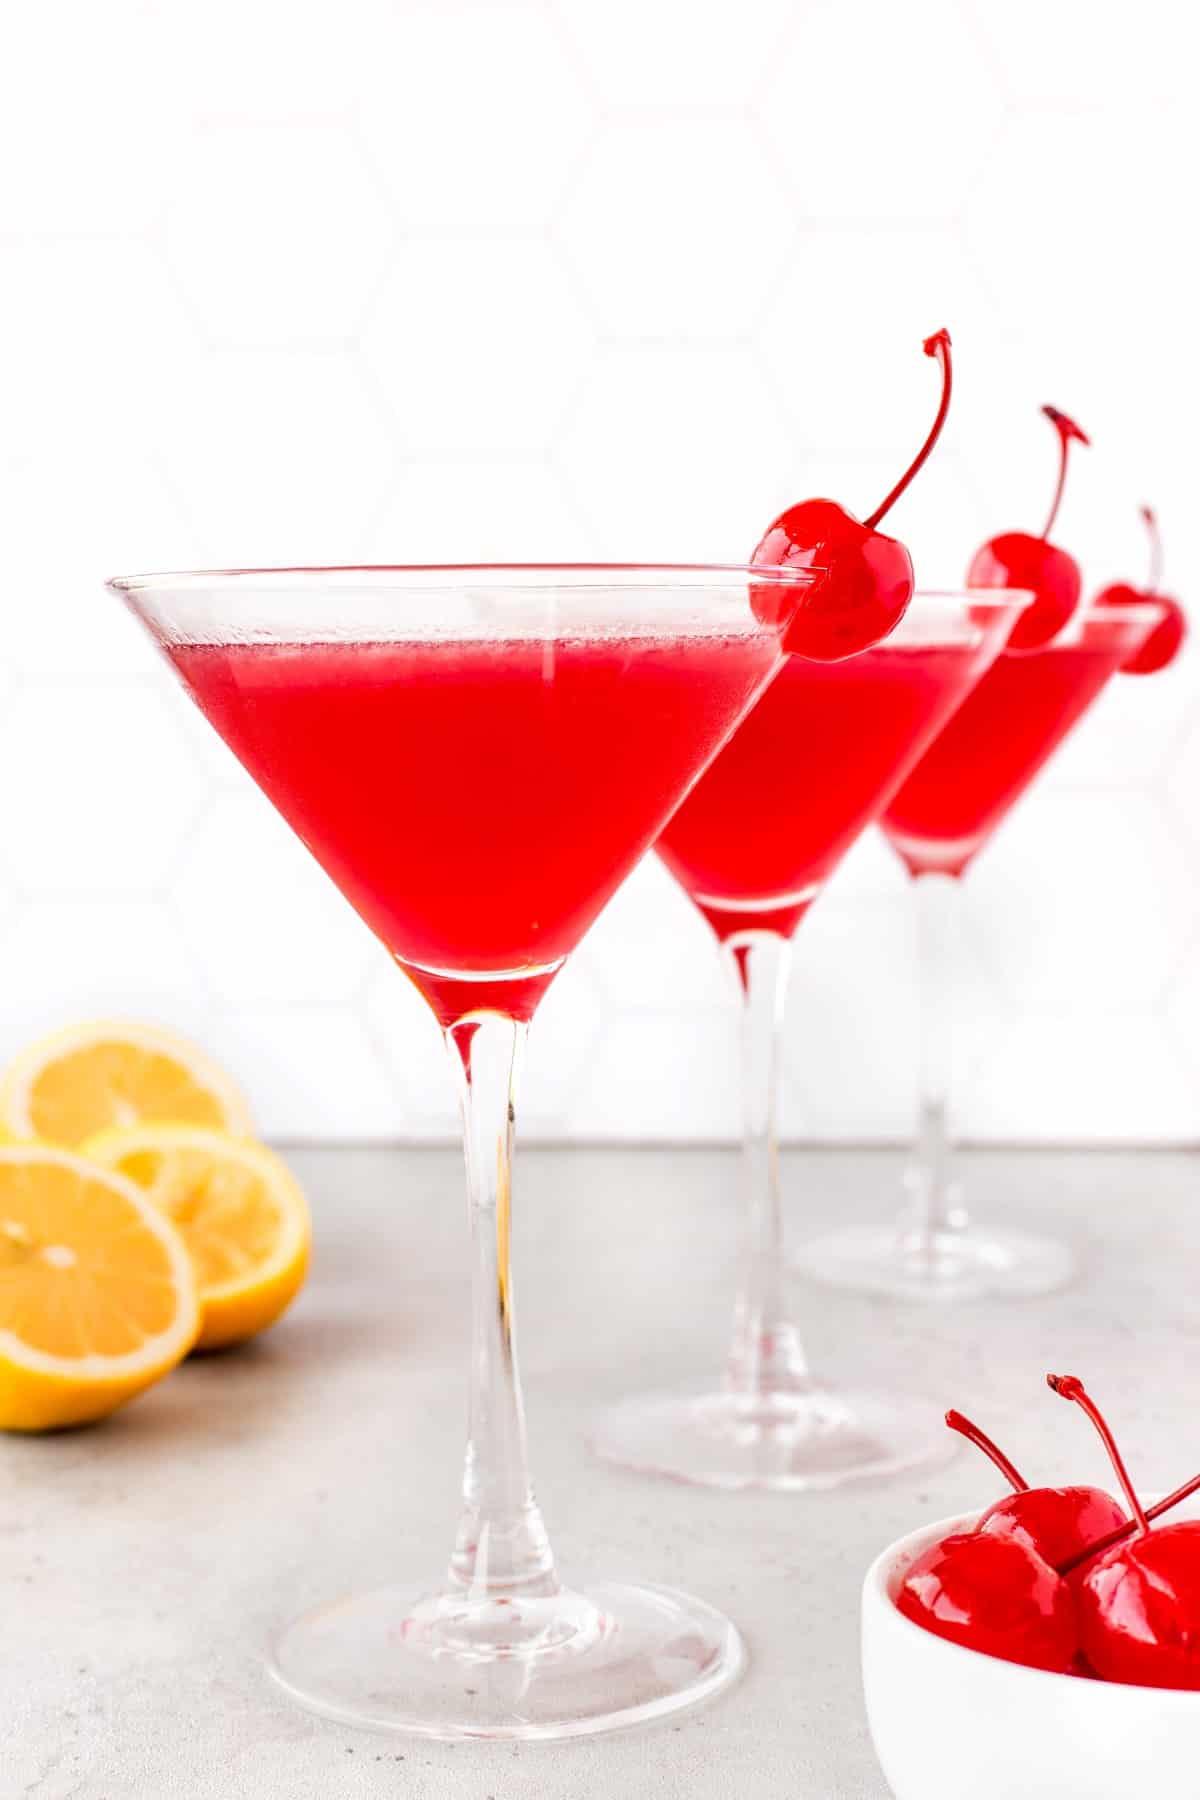 Three Lemon Cherry Martinis lined up garnished with maraschino cherries.